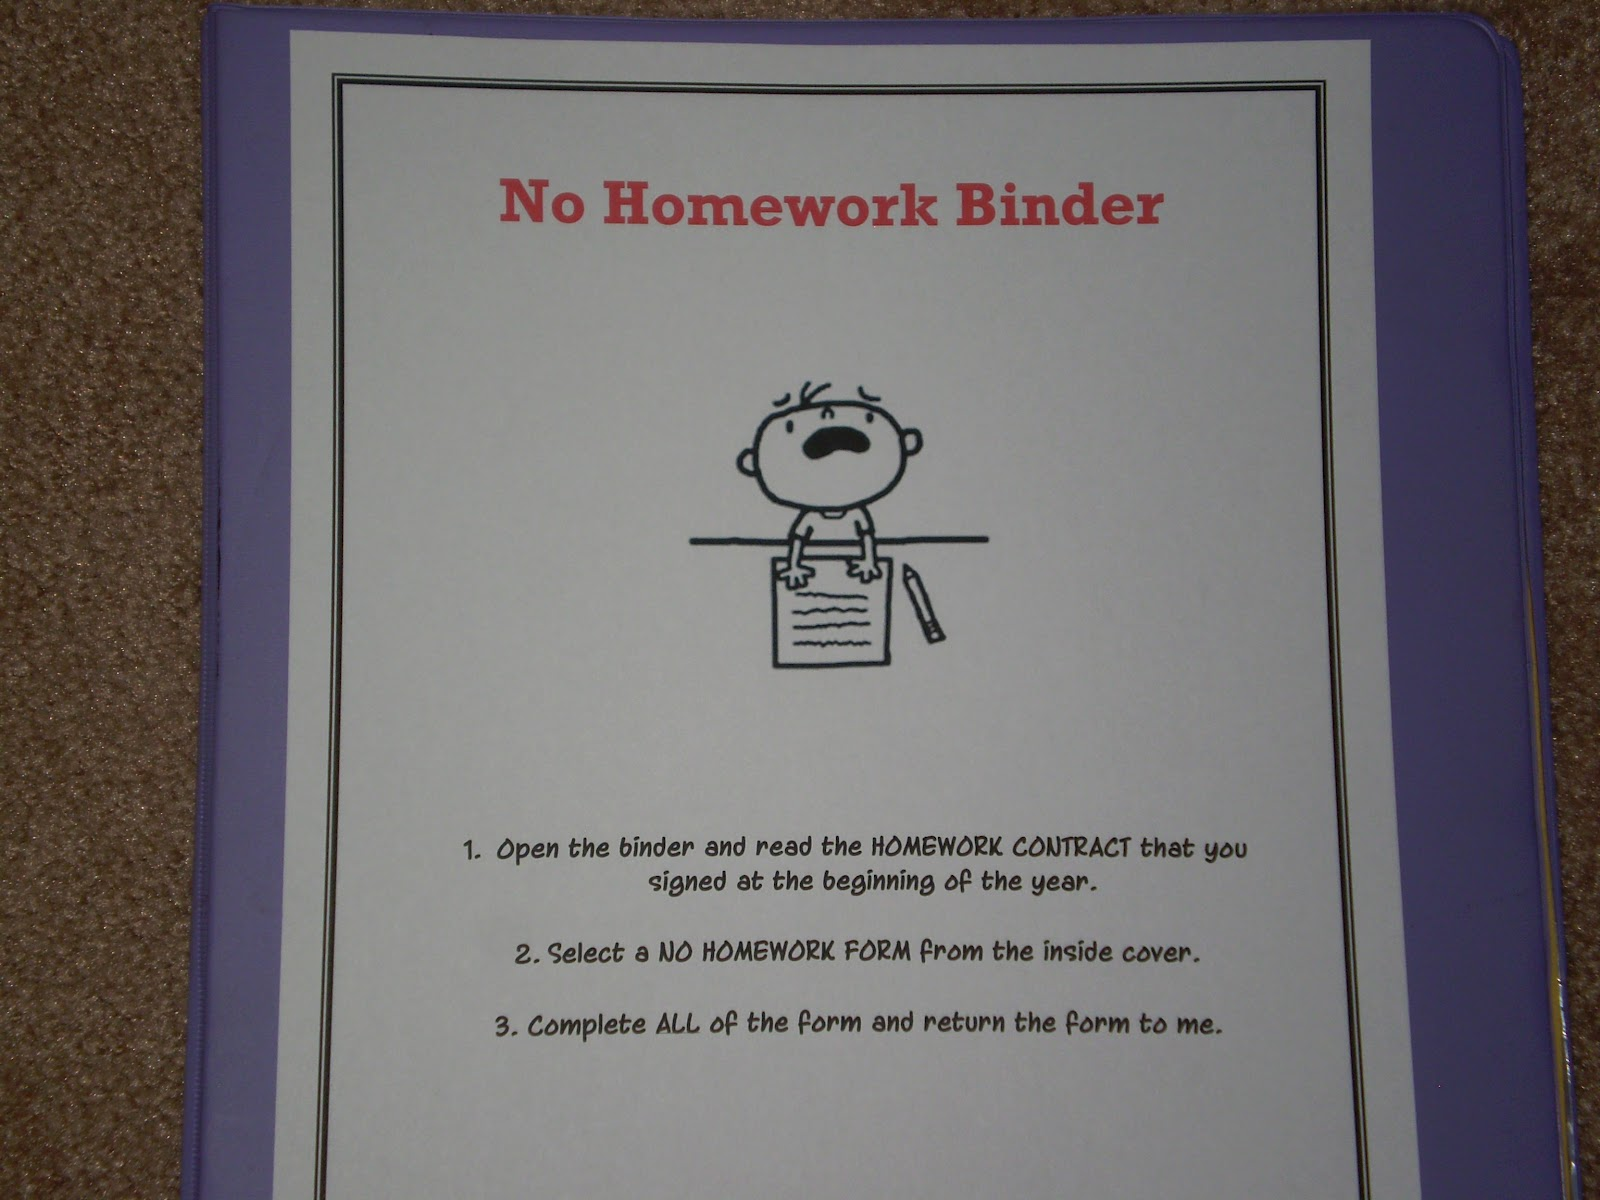 Excuses for no homework